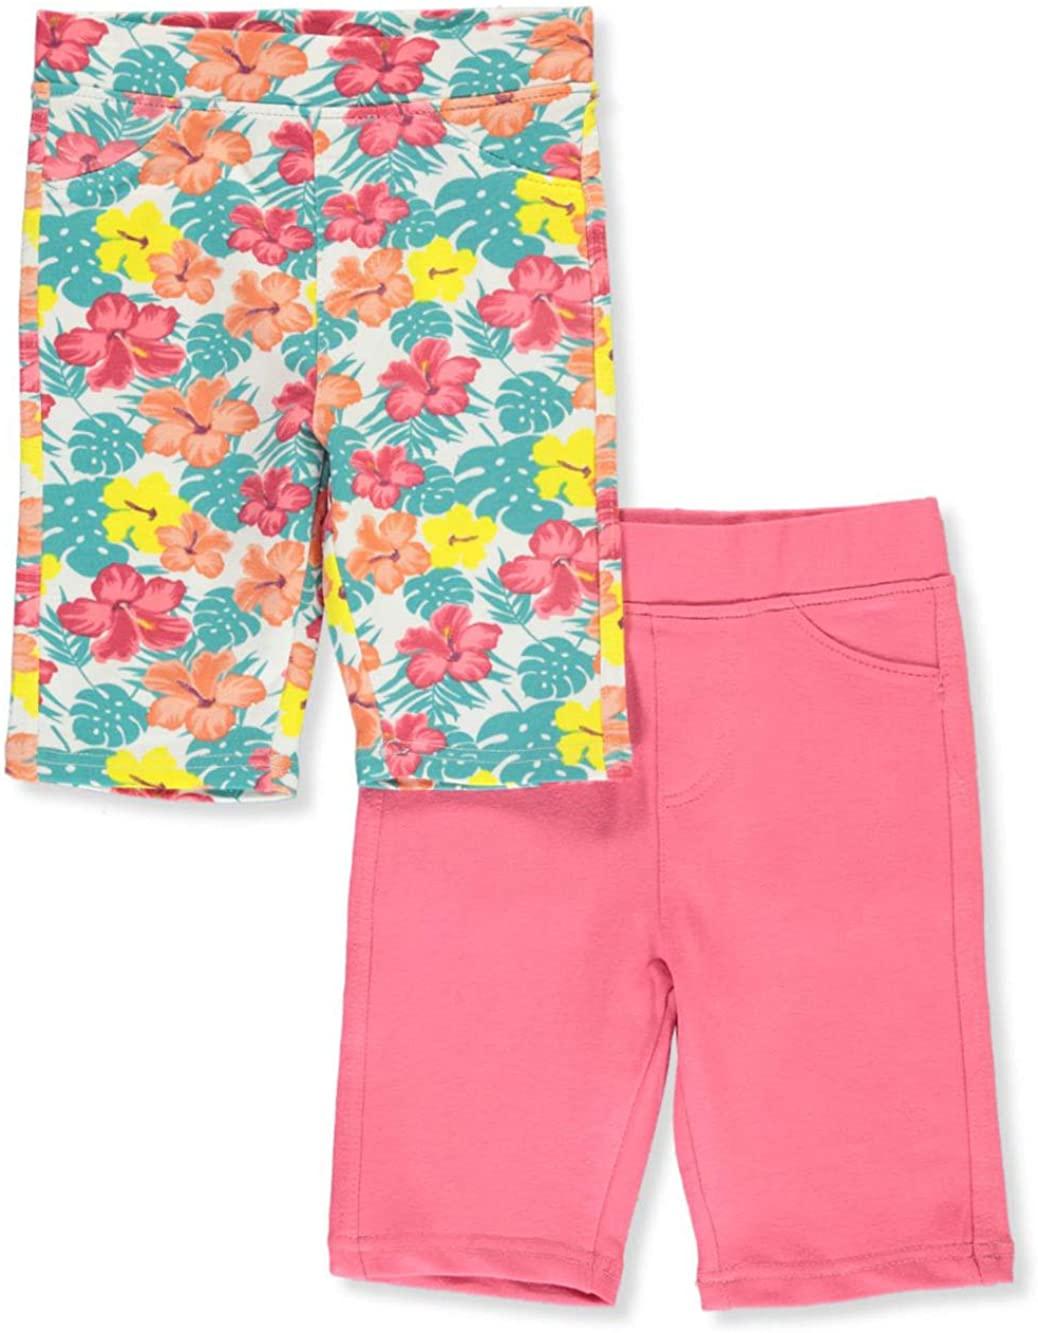 Pink Velvet 3-Pack Bike Shorts